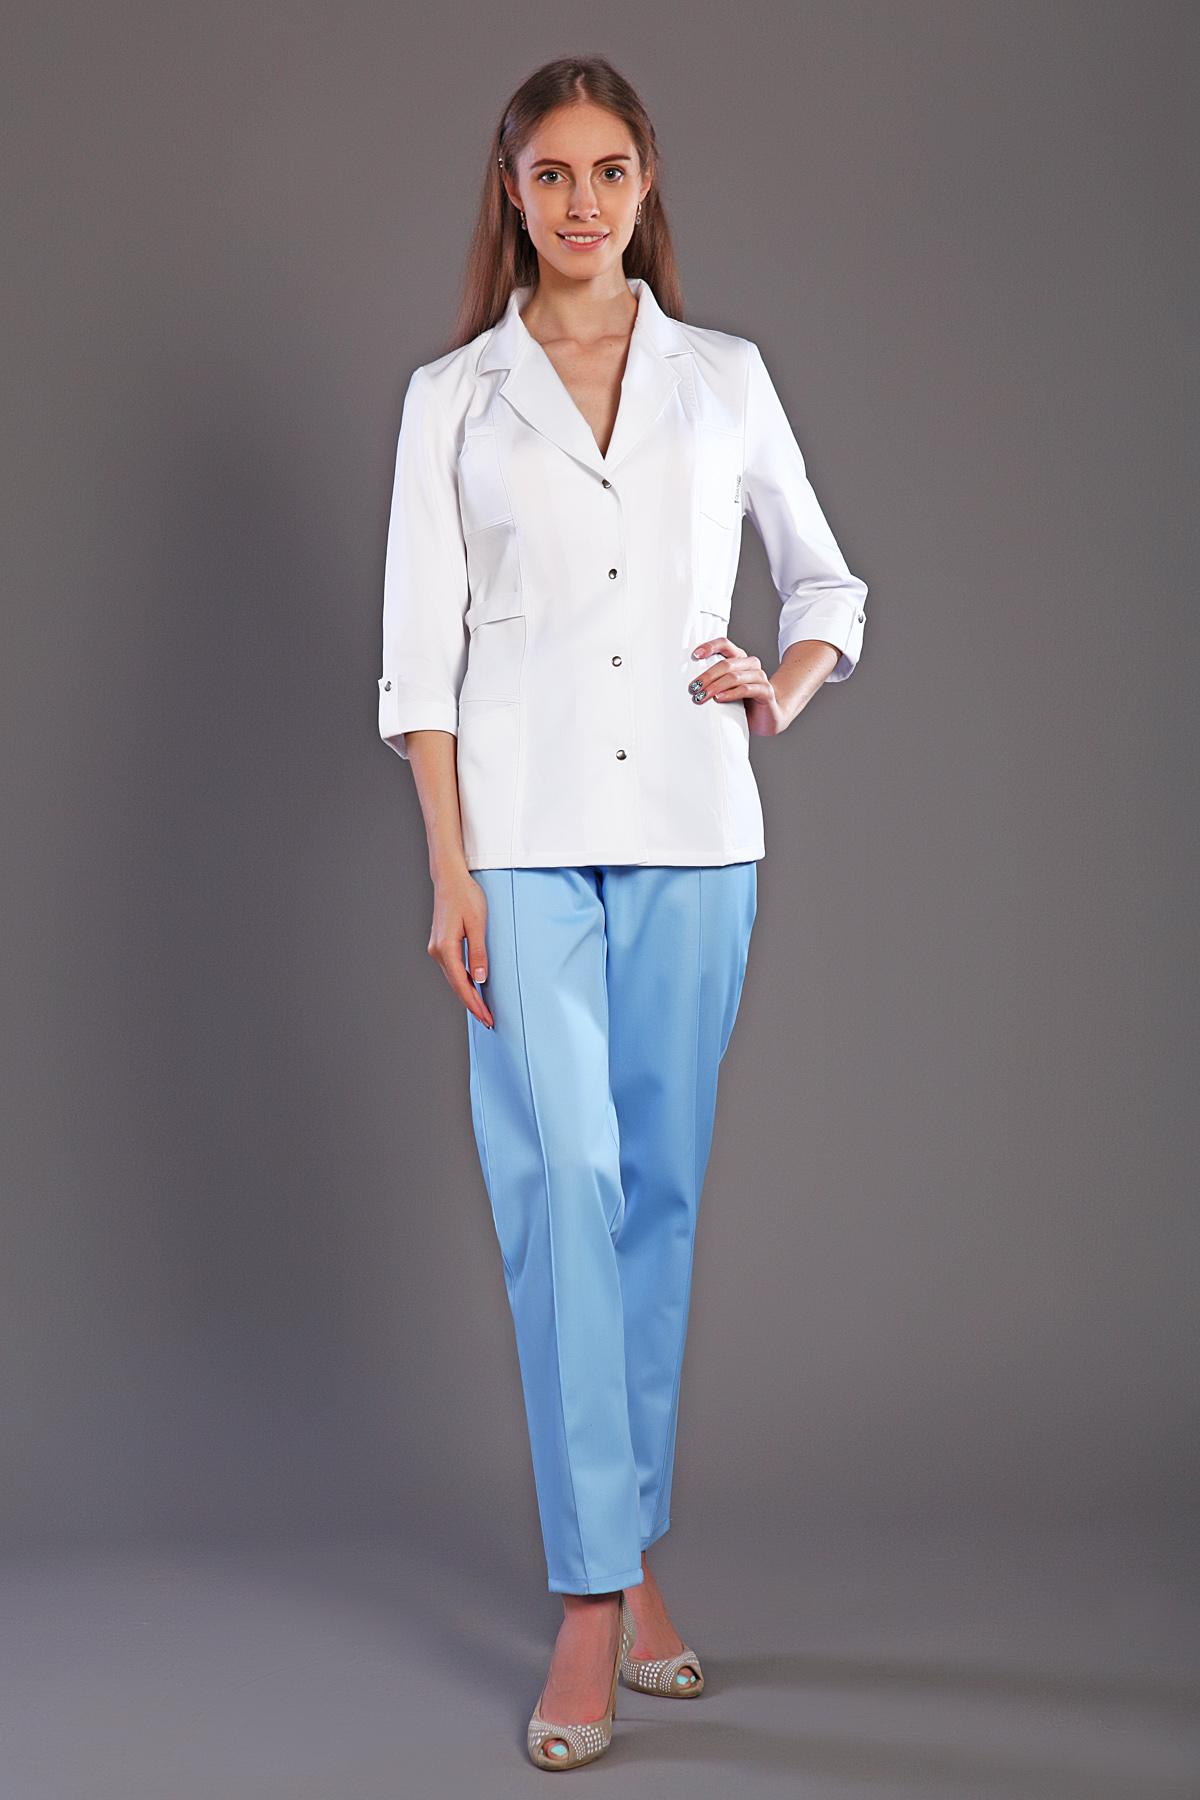 Жакет женский М-215 ТвилКостюмы, кофты, брюки<br><br><br>Размер: 46